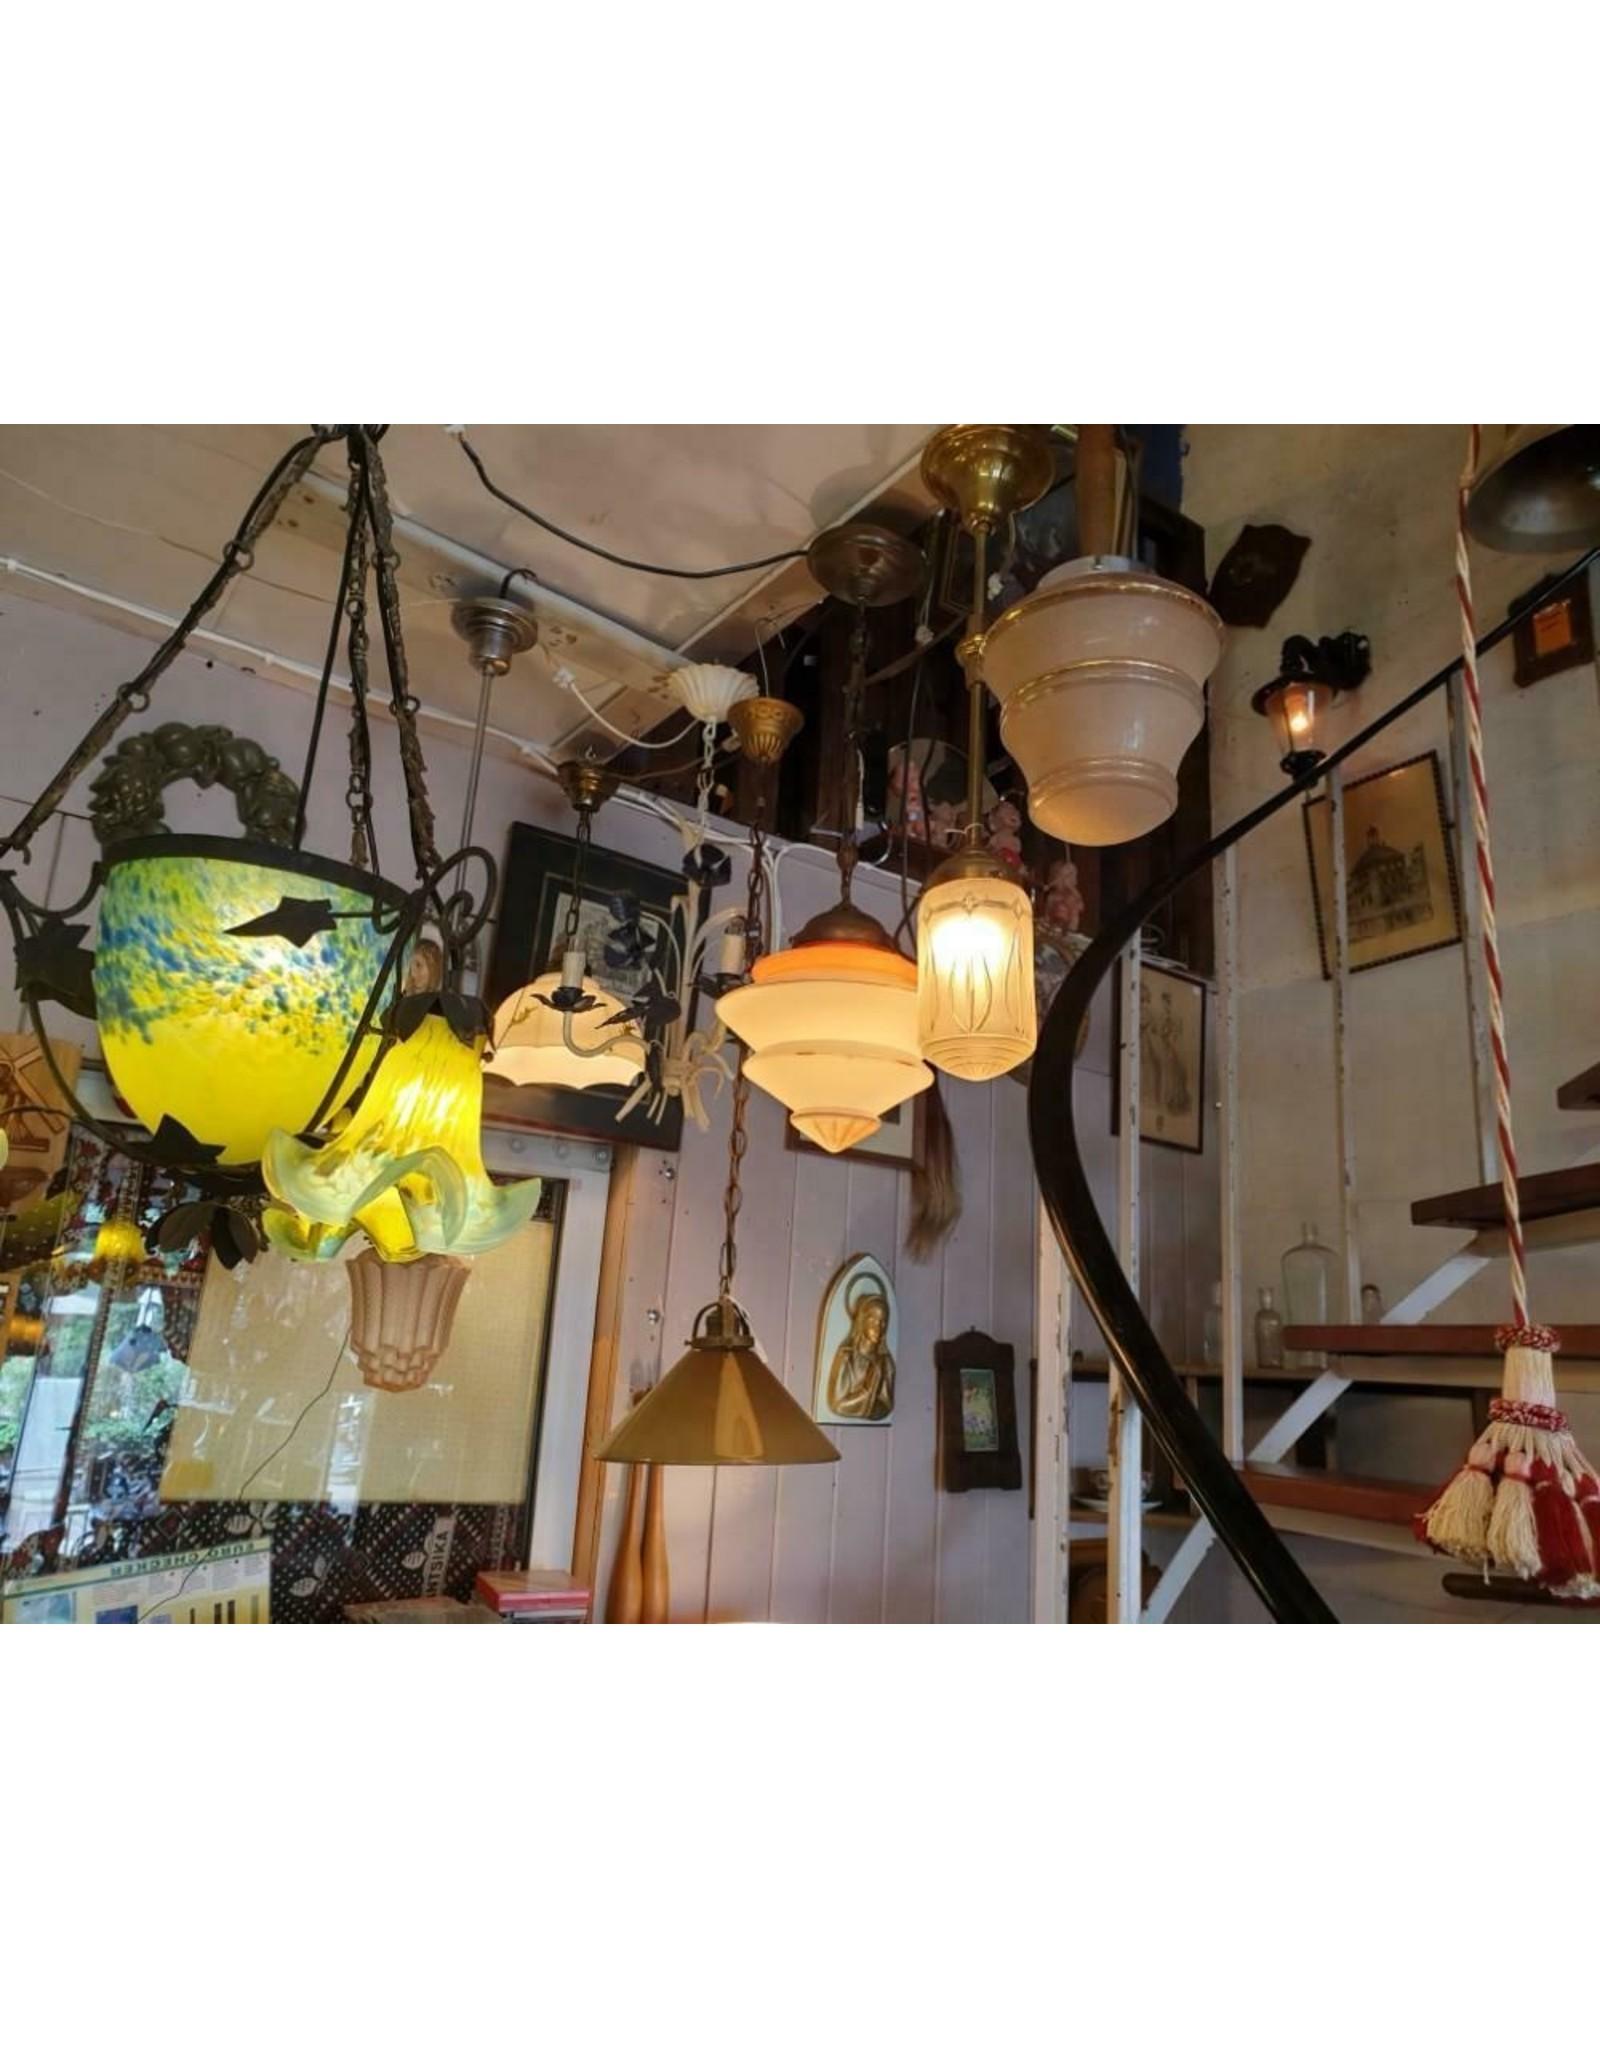 Noverdy Art de France Glaspasta smeedijzeren armatuur kroonluchter lamp geel met azuurblauw drie tulp kapjes